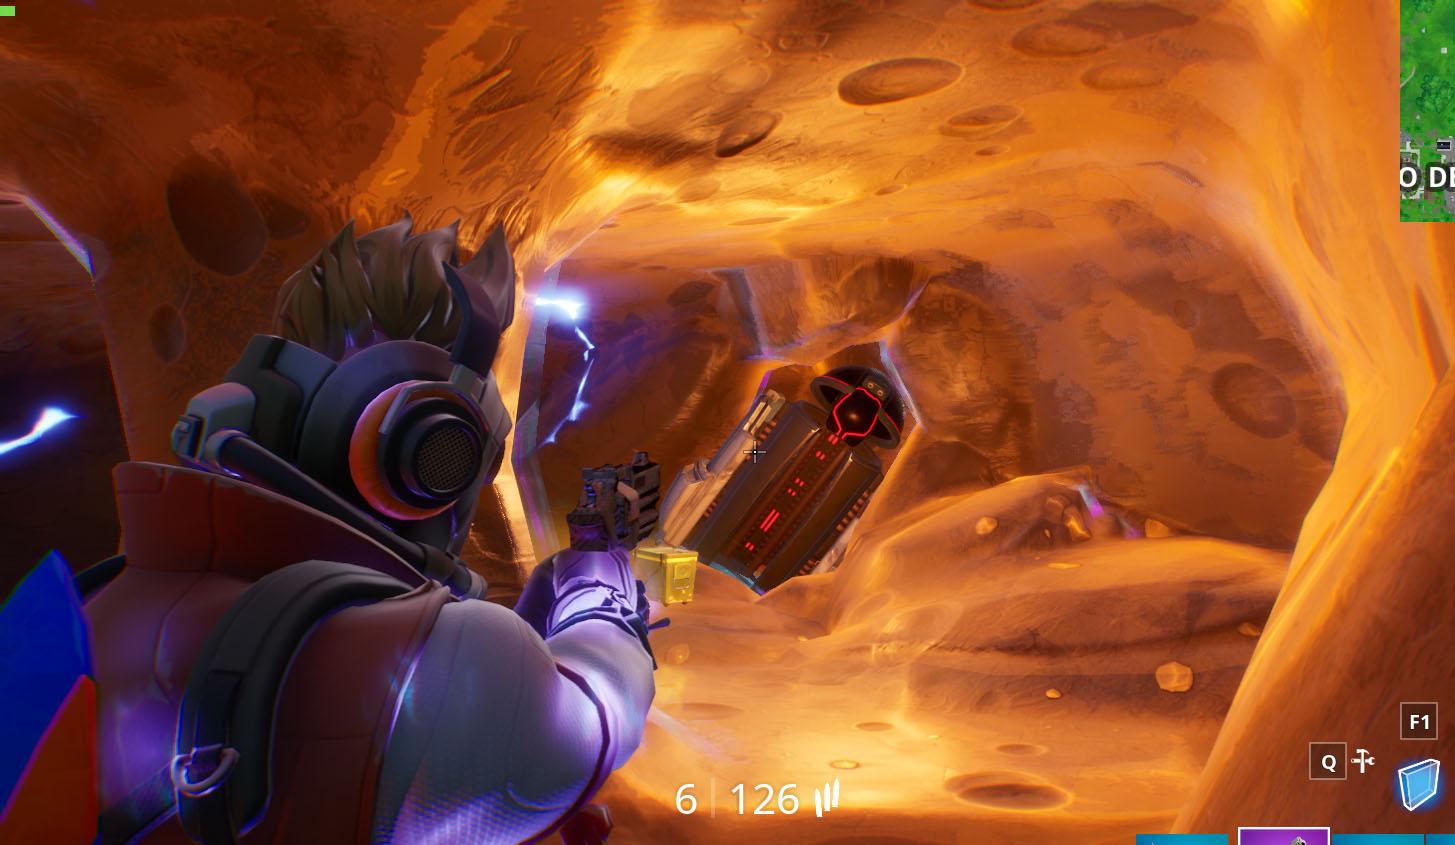 Dónde encontrar la cápsula de aterrizaje en un meteorito en Fortnite